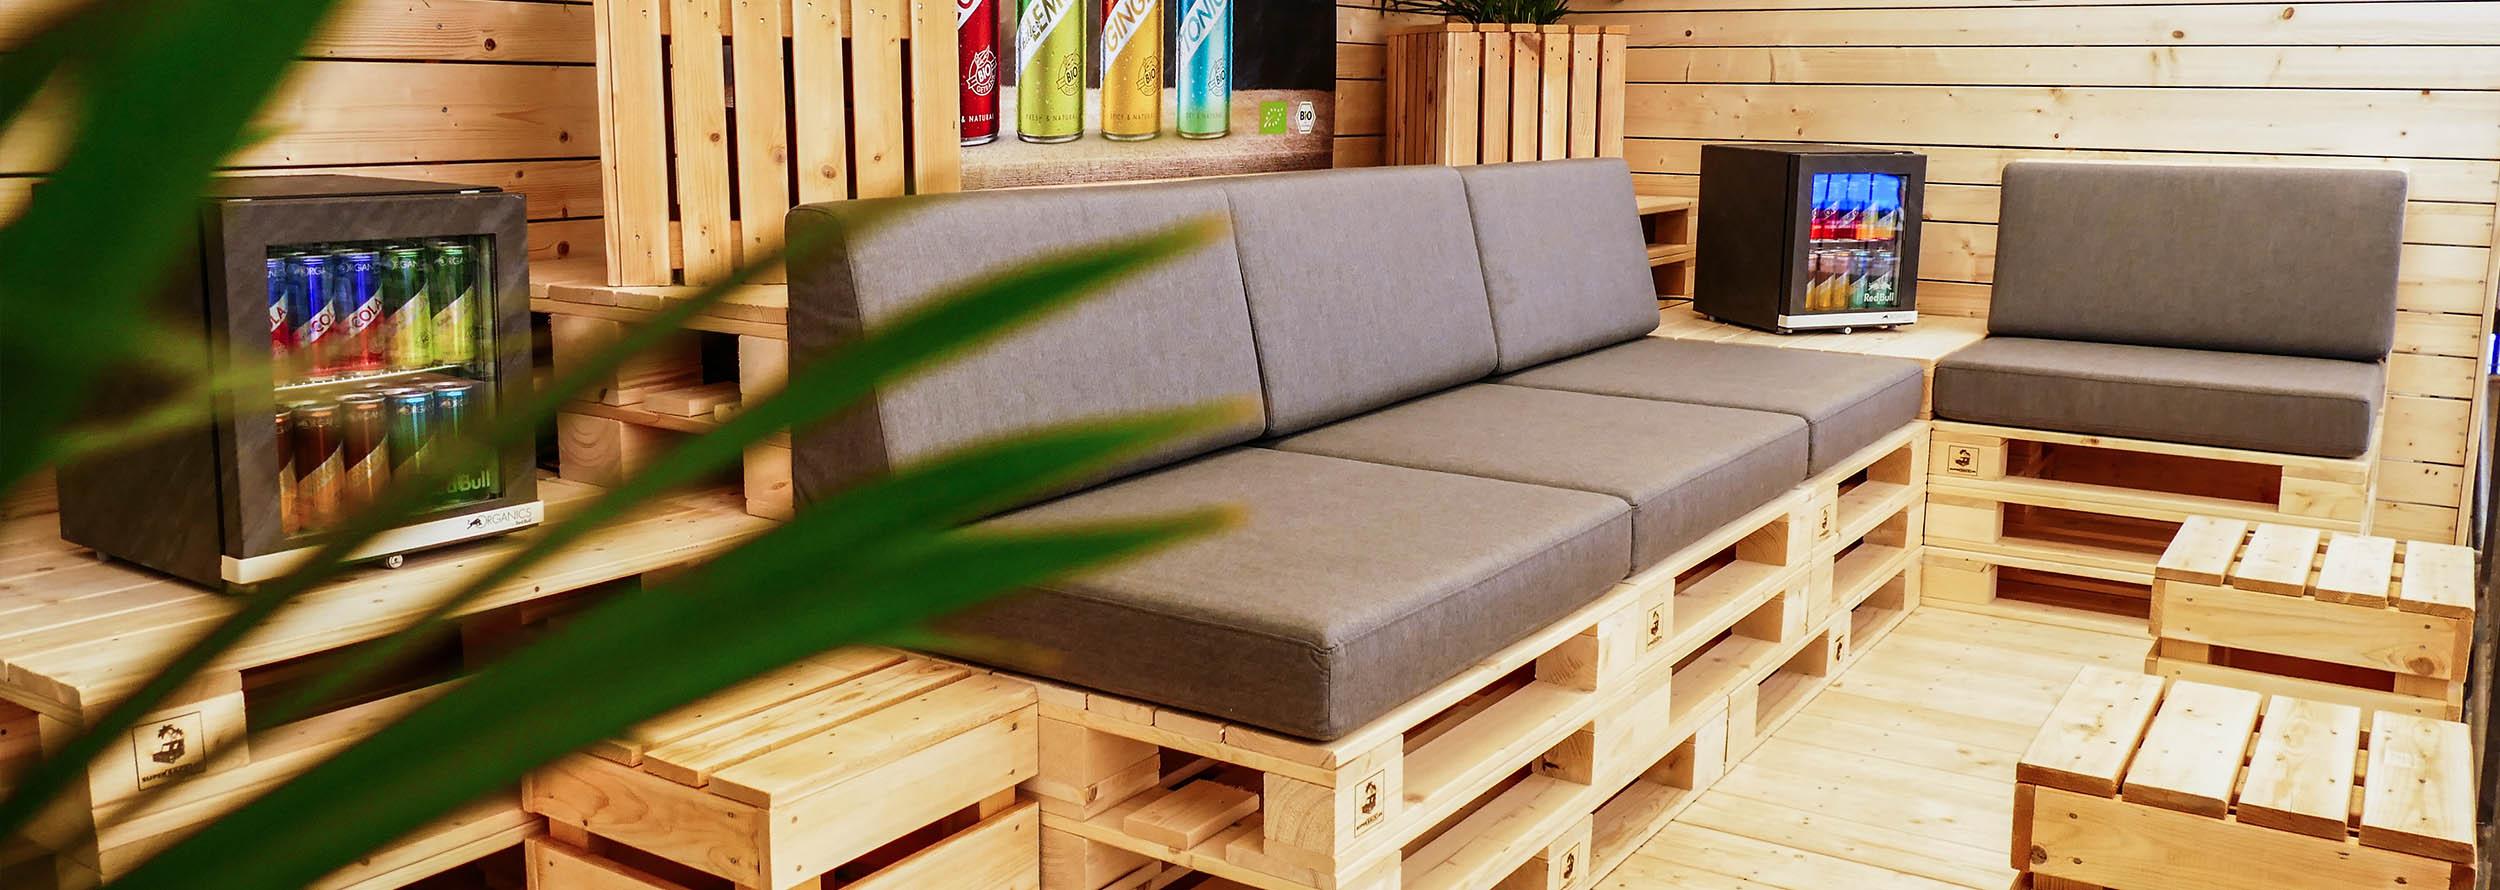 Möbel für VIP-Bereiche auf Sportevents mieten